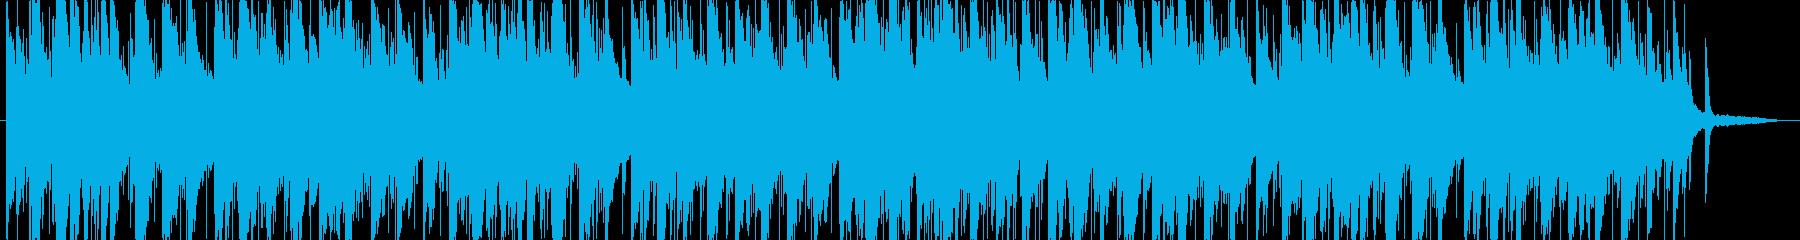 おしゃれなジャズの再生済みの波形